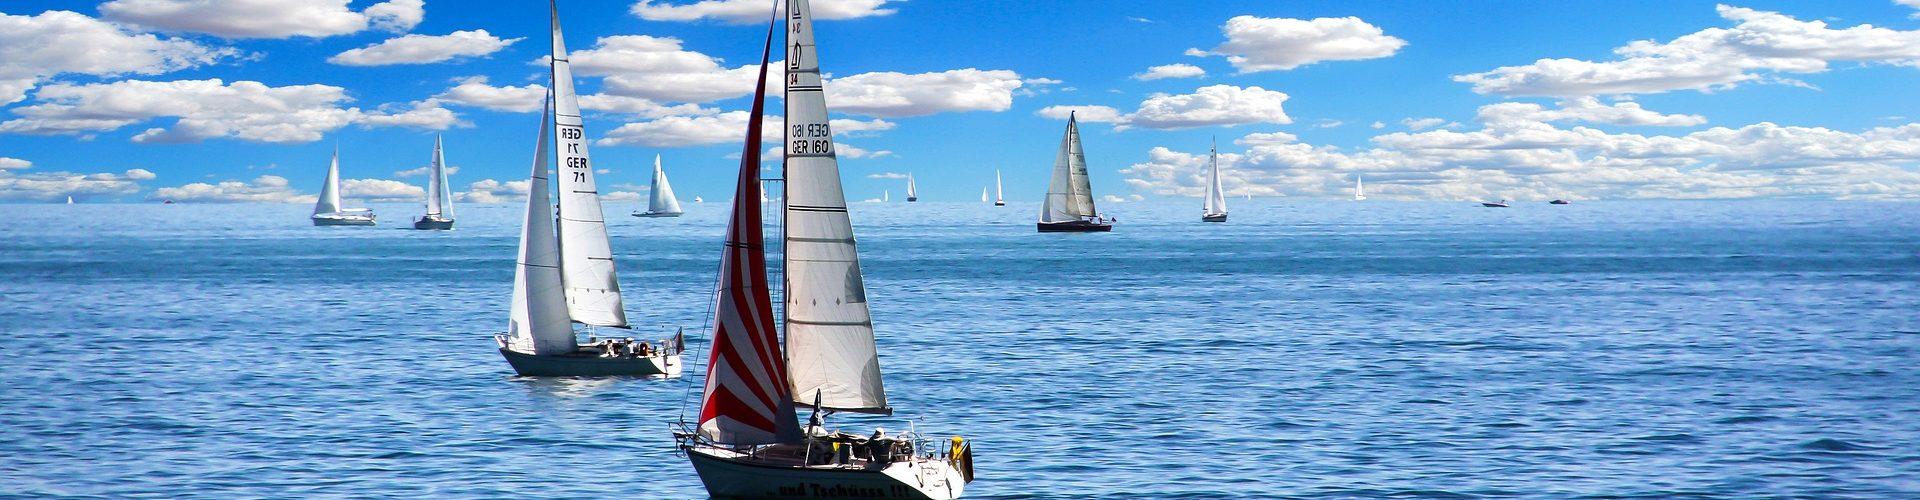 segeln lernen in Alzey segelschein machen in Alzey 1920x500 - Segeln lernen in Alzey